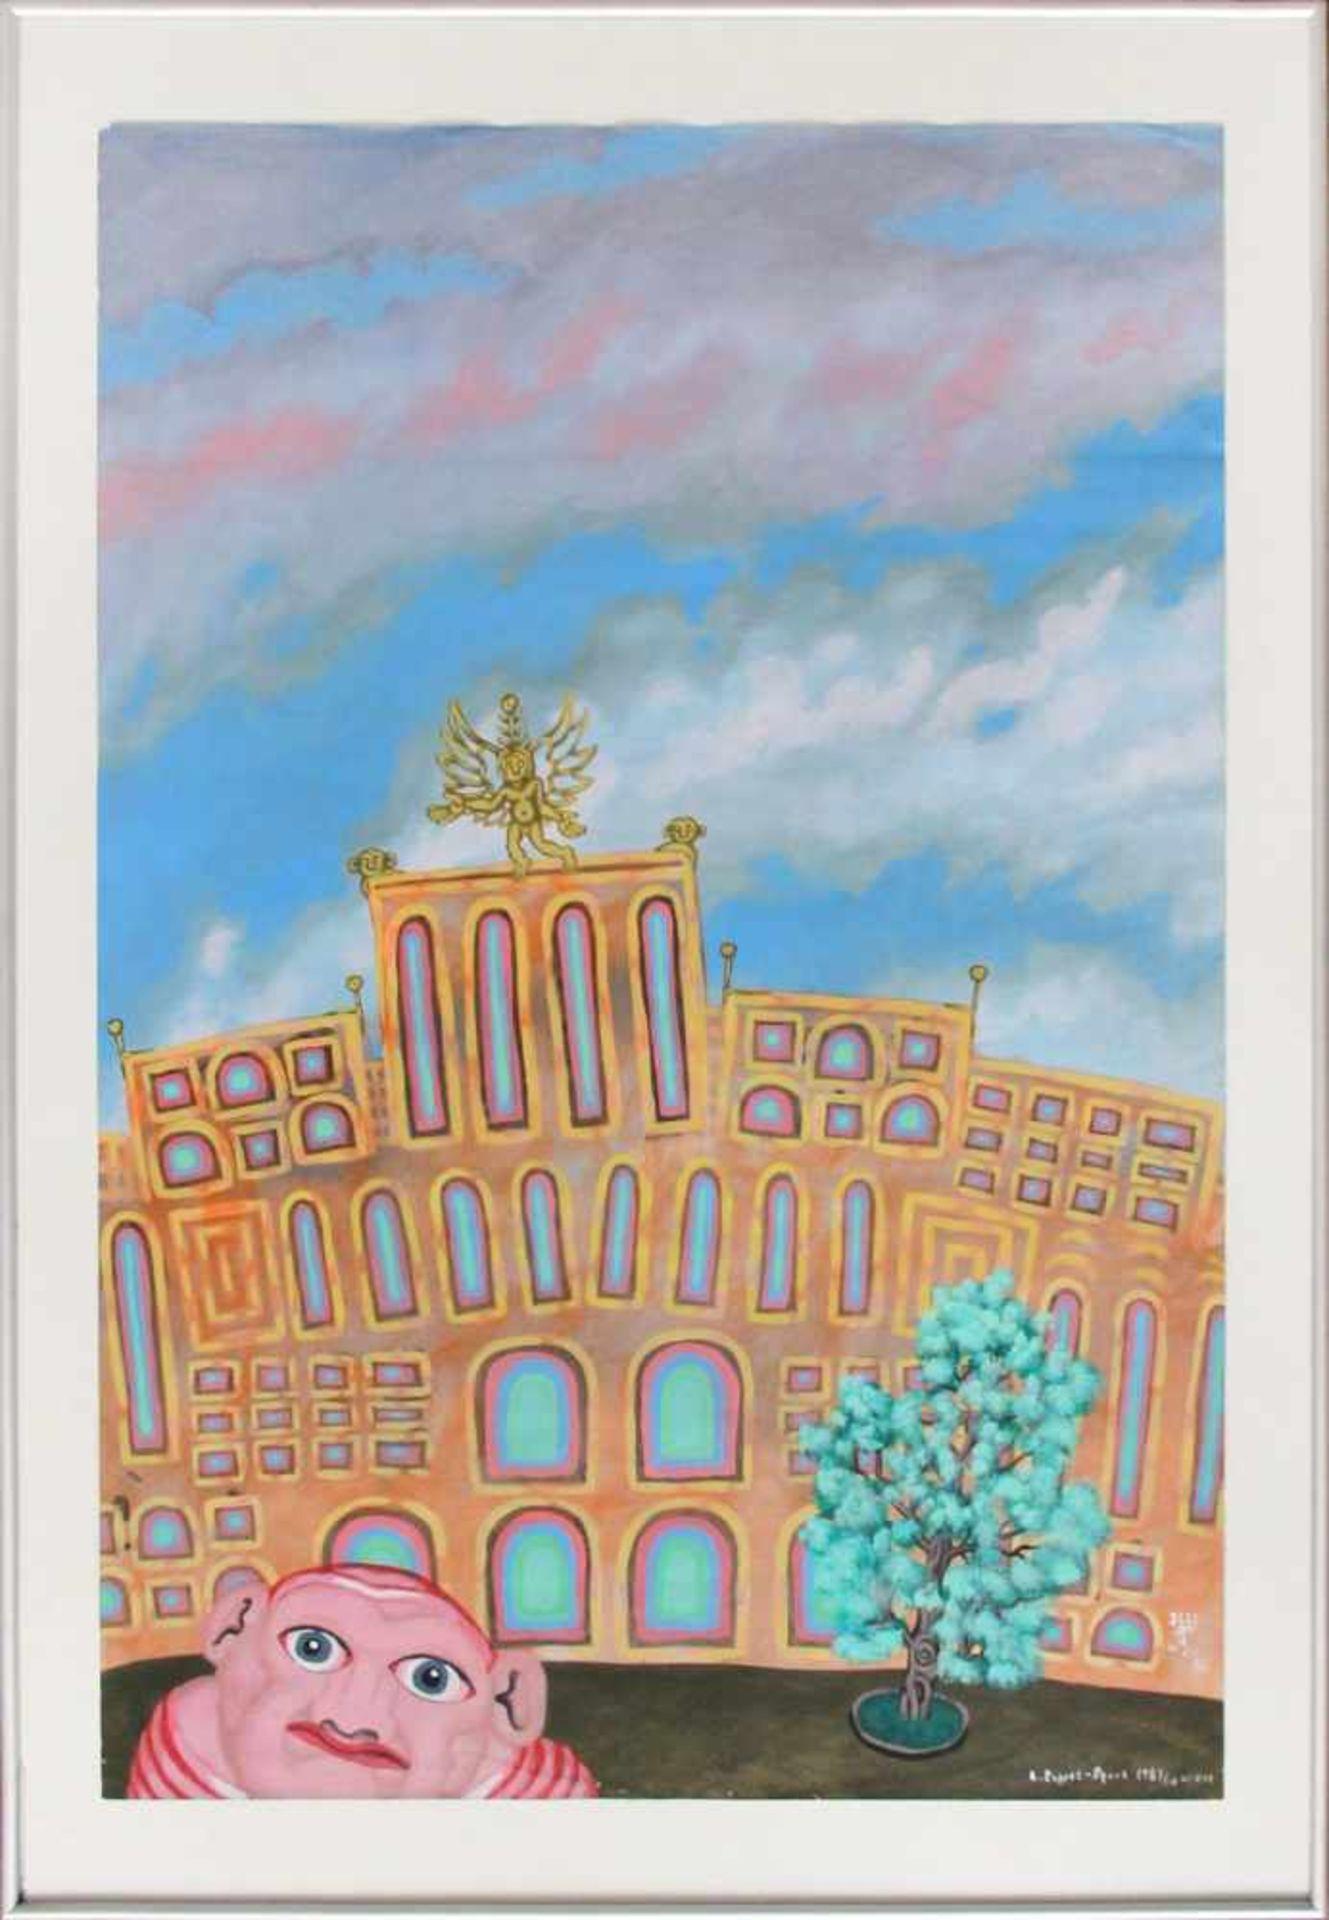 Robert Zeppel-Sperl 1944-2005 o.T. 1987 Mischtechnik auf Papier handsigniert und datiert 88 x 59,5 - Bild 2 aus 3